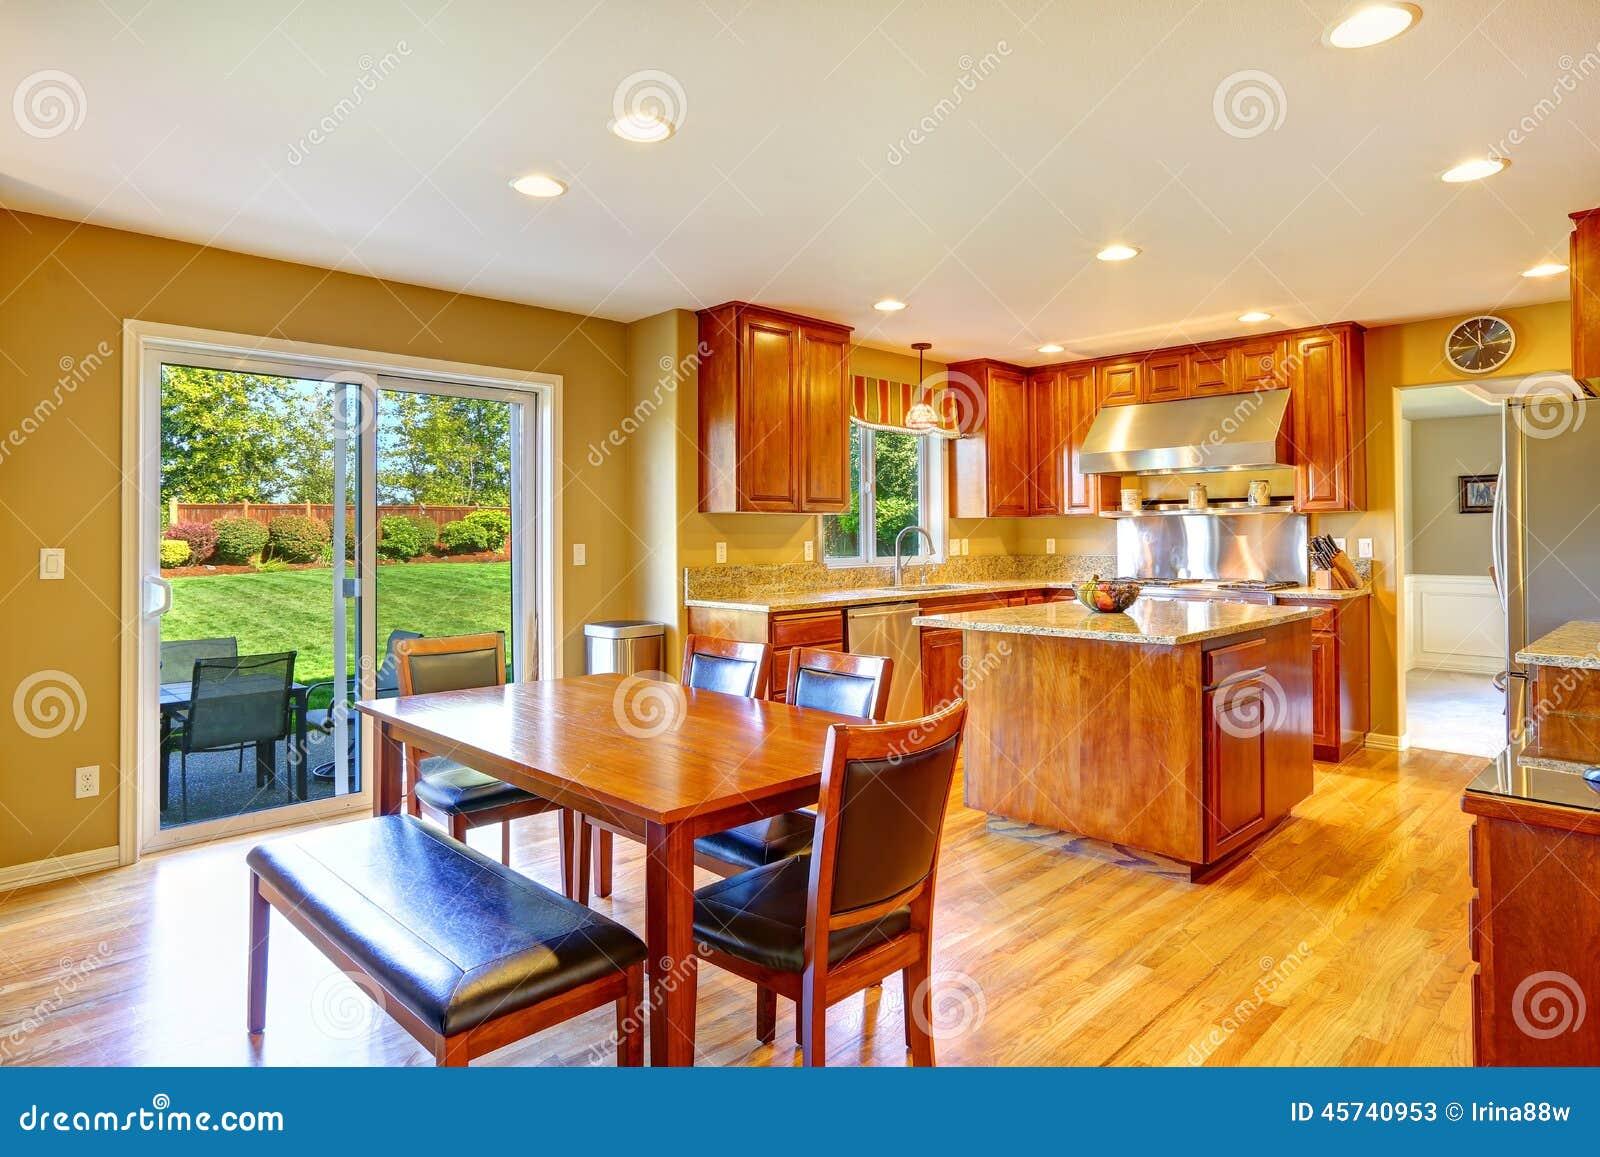 Sitio de lujo de la cocina con comedor foto de archivo for Cocina comedor con isla